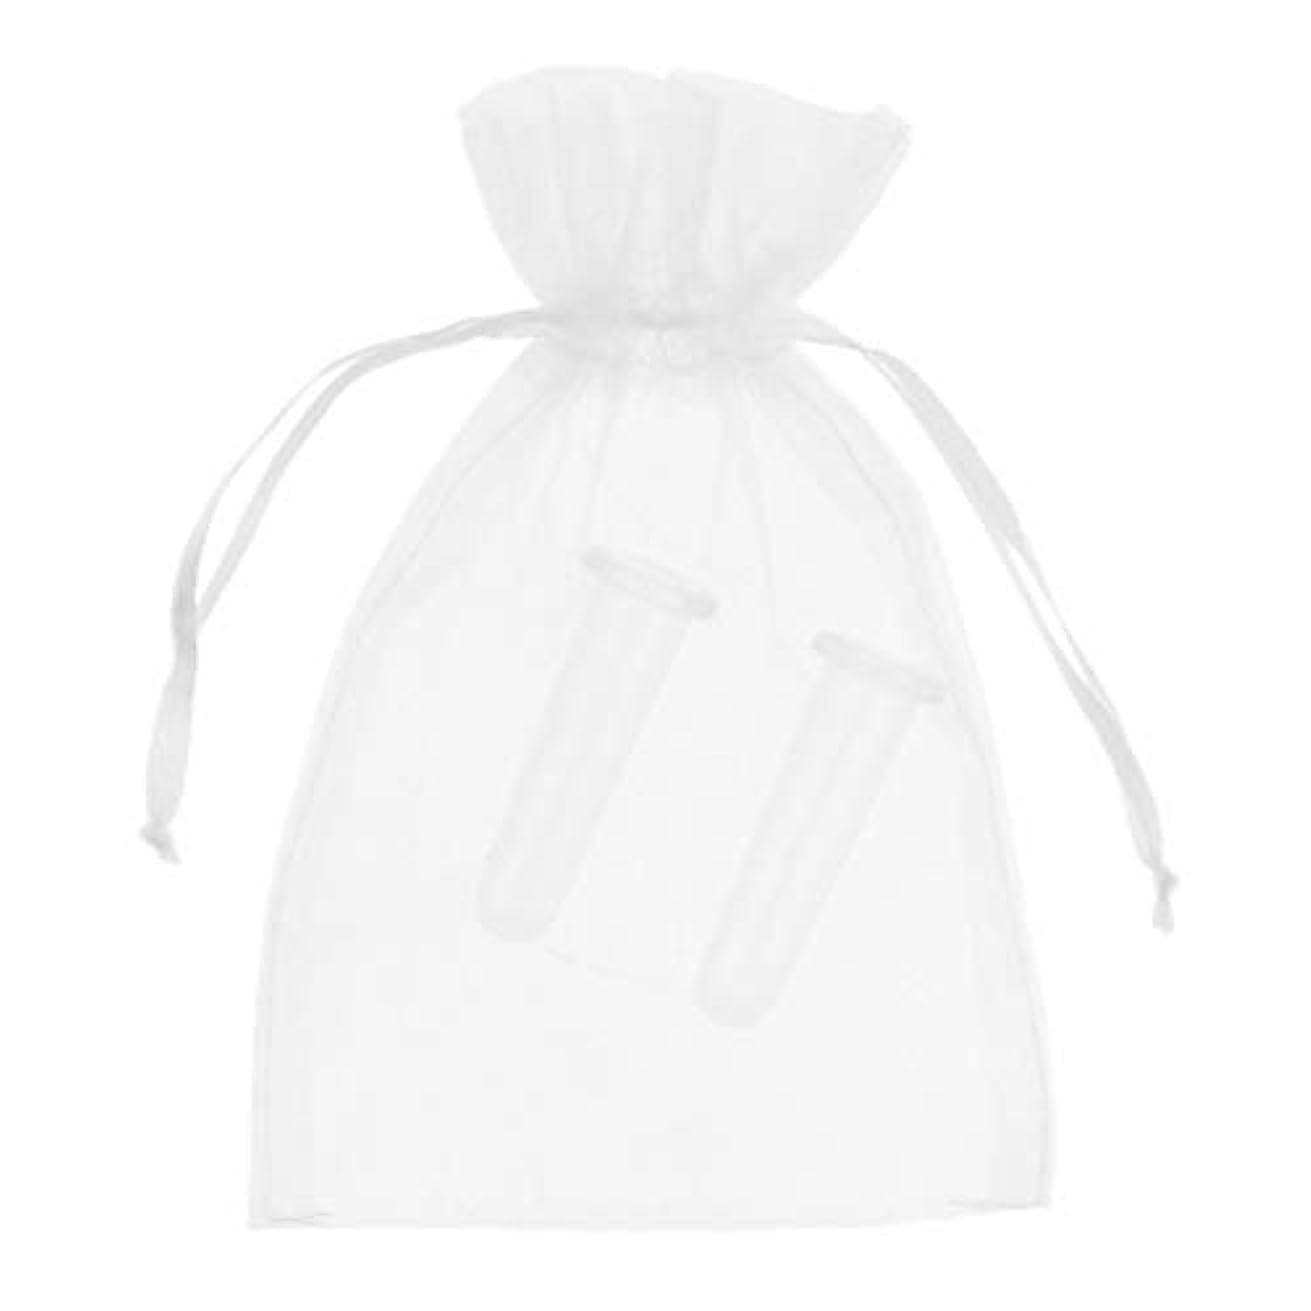 ふさわしい数学エーカーB Blesiya シリコーン製 真空 顔用マッサージ カッピング 吸い玉カップ カッピング 収納ポーチ付き 2個 全2色 - ホワイト